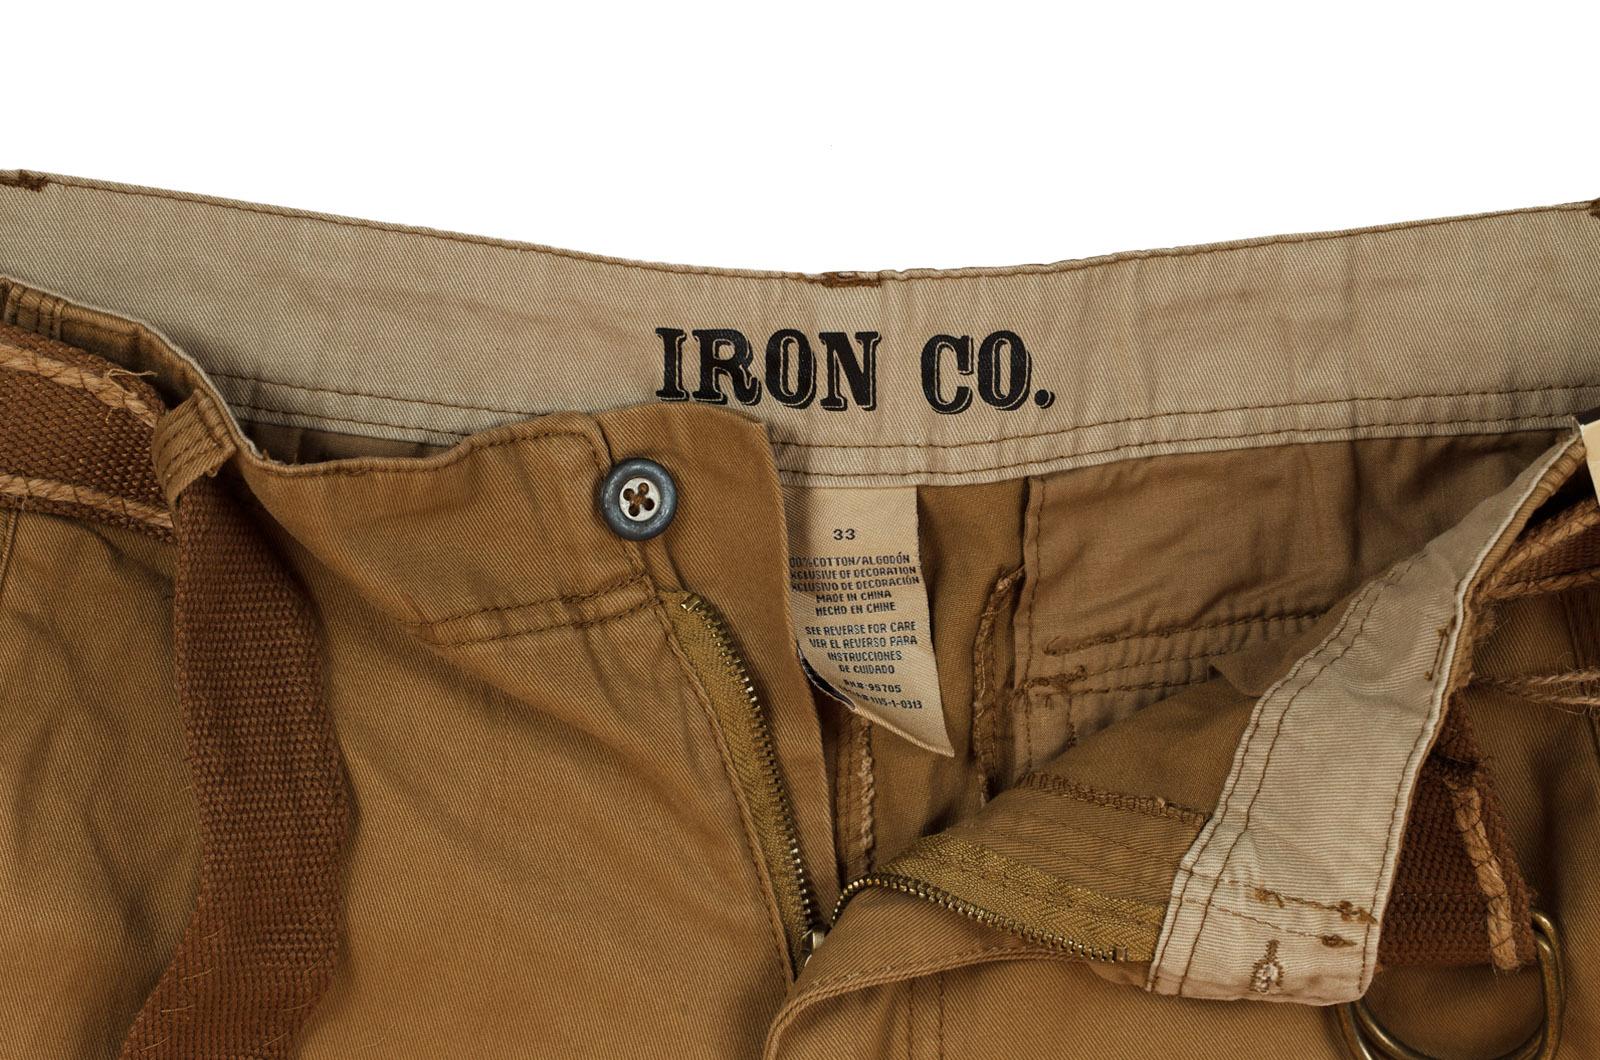 Коричневые шорты для мужчин (Iron Co., США) по лучшей цене